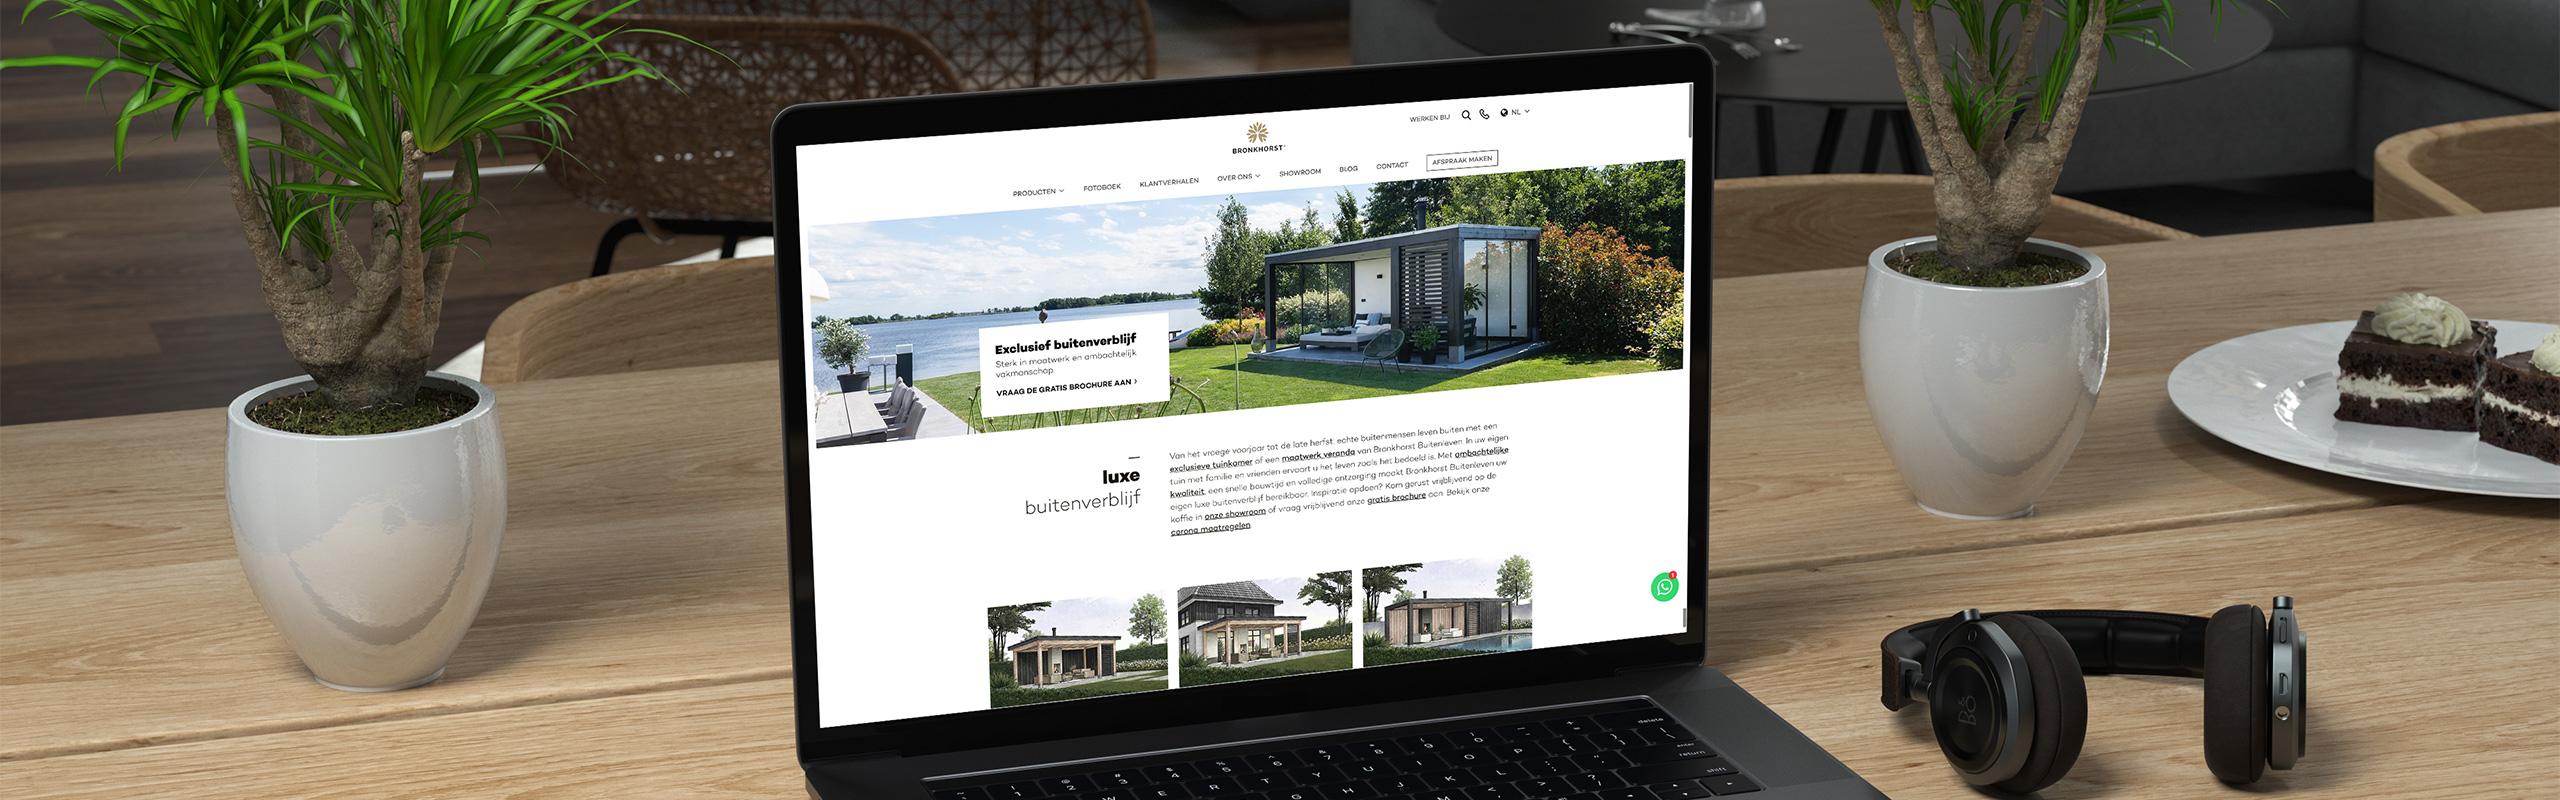 Bronkhorst-Buitenleven_case-homepage-hero-2560x800